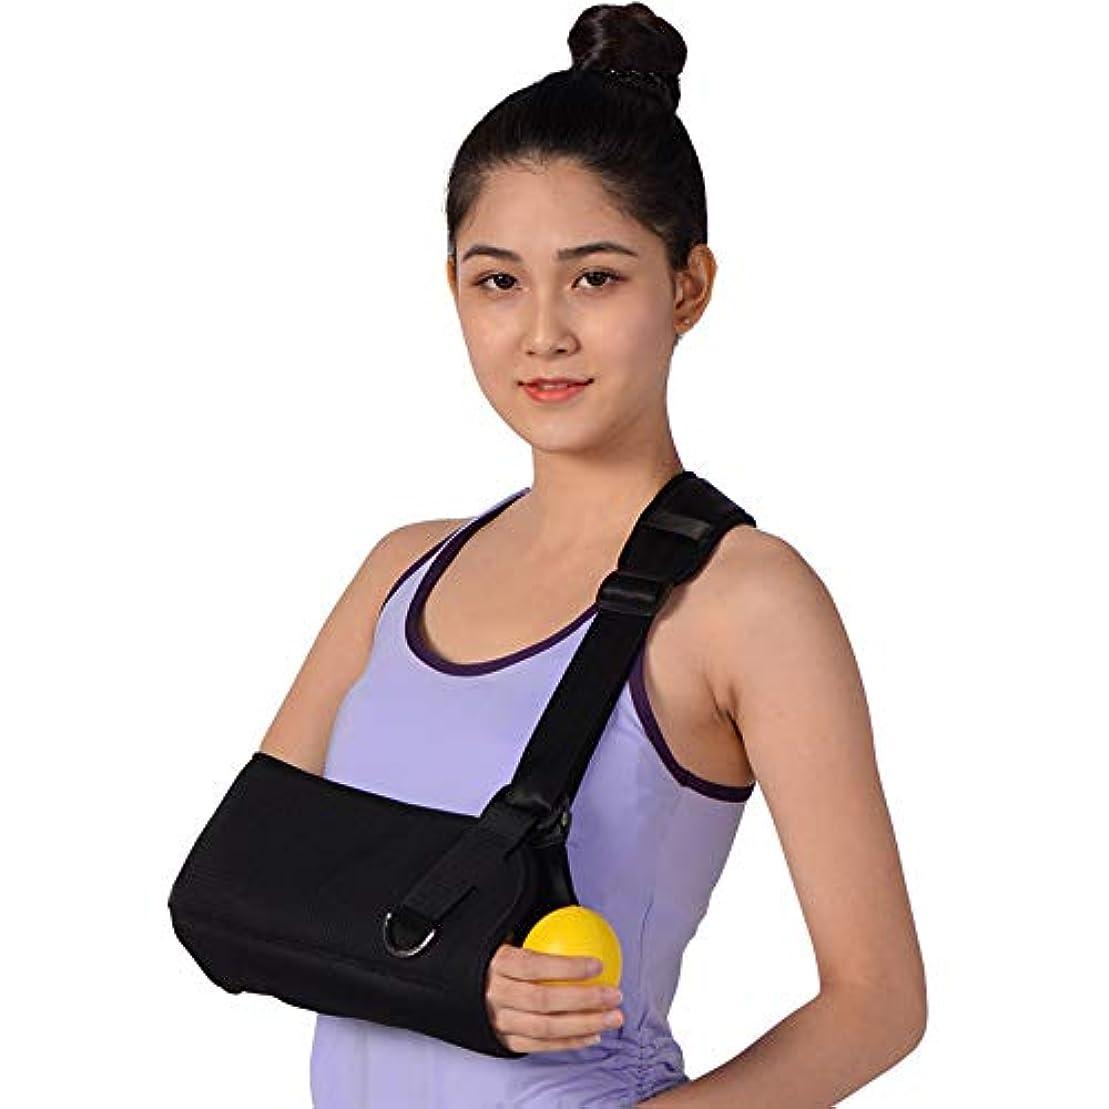 側面ソビエト促進する肩外転スリング、怪我サポート用イモビライザー、回旋腱板用痛み緩和アーム枕、サブレキシオン、手術、脱臼、骨折した腕